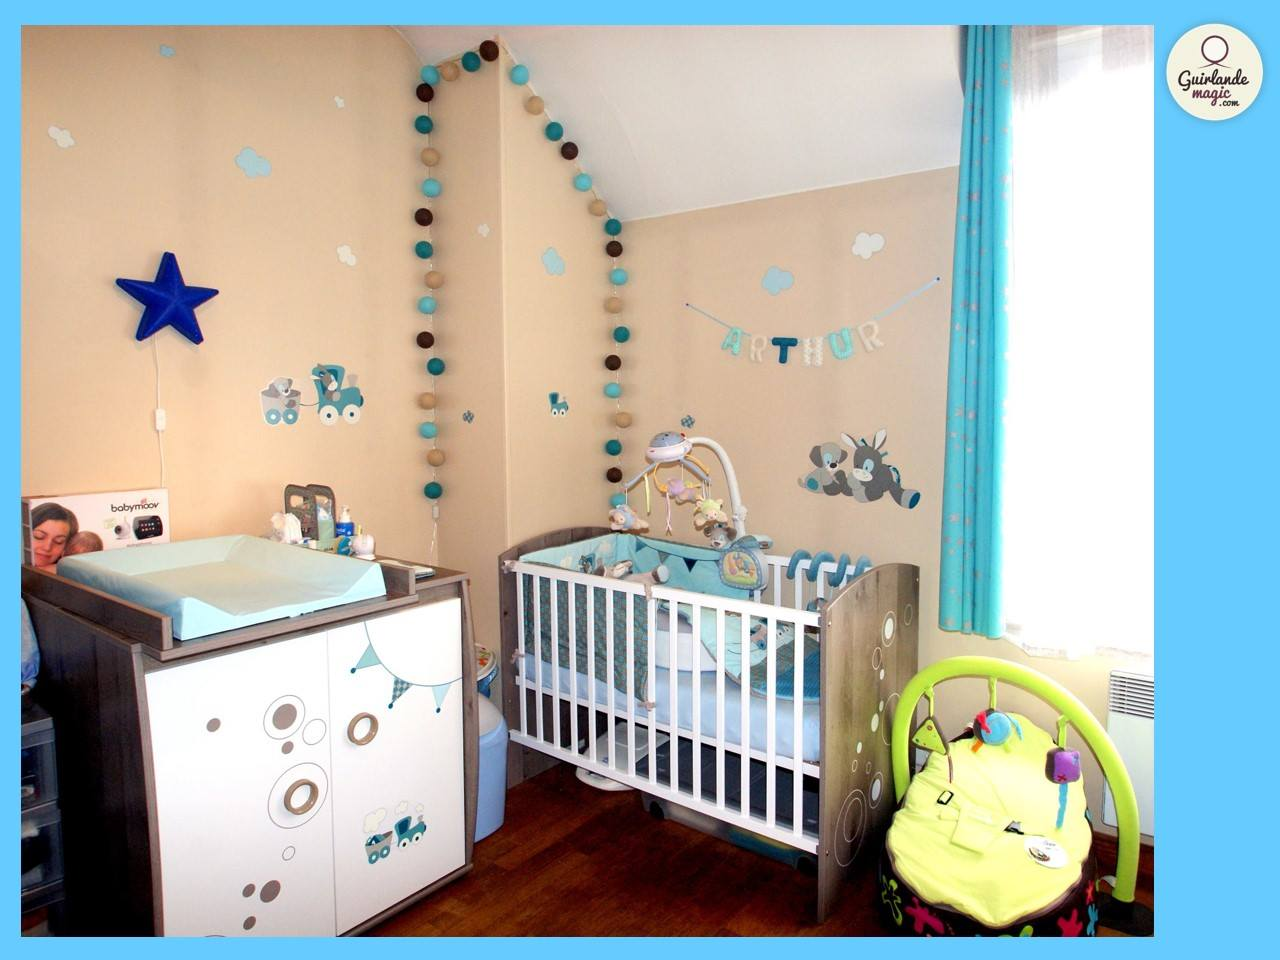 Deco lumineuse chambre bebe - Famille et bébé